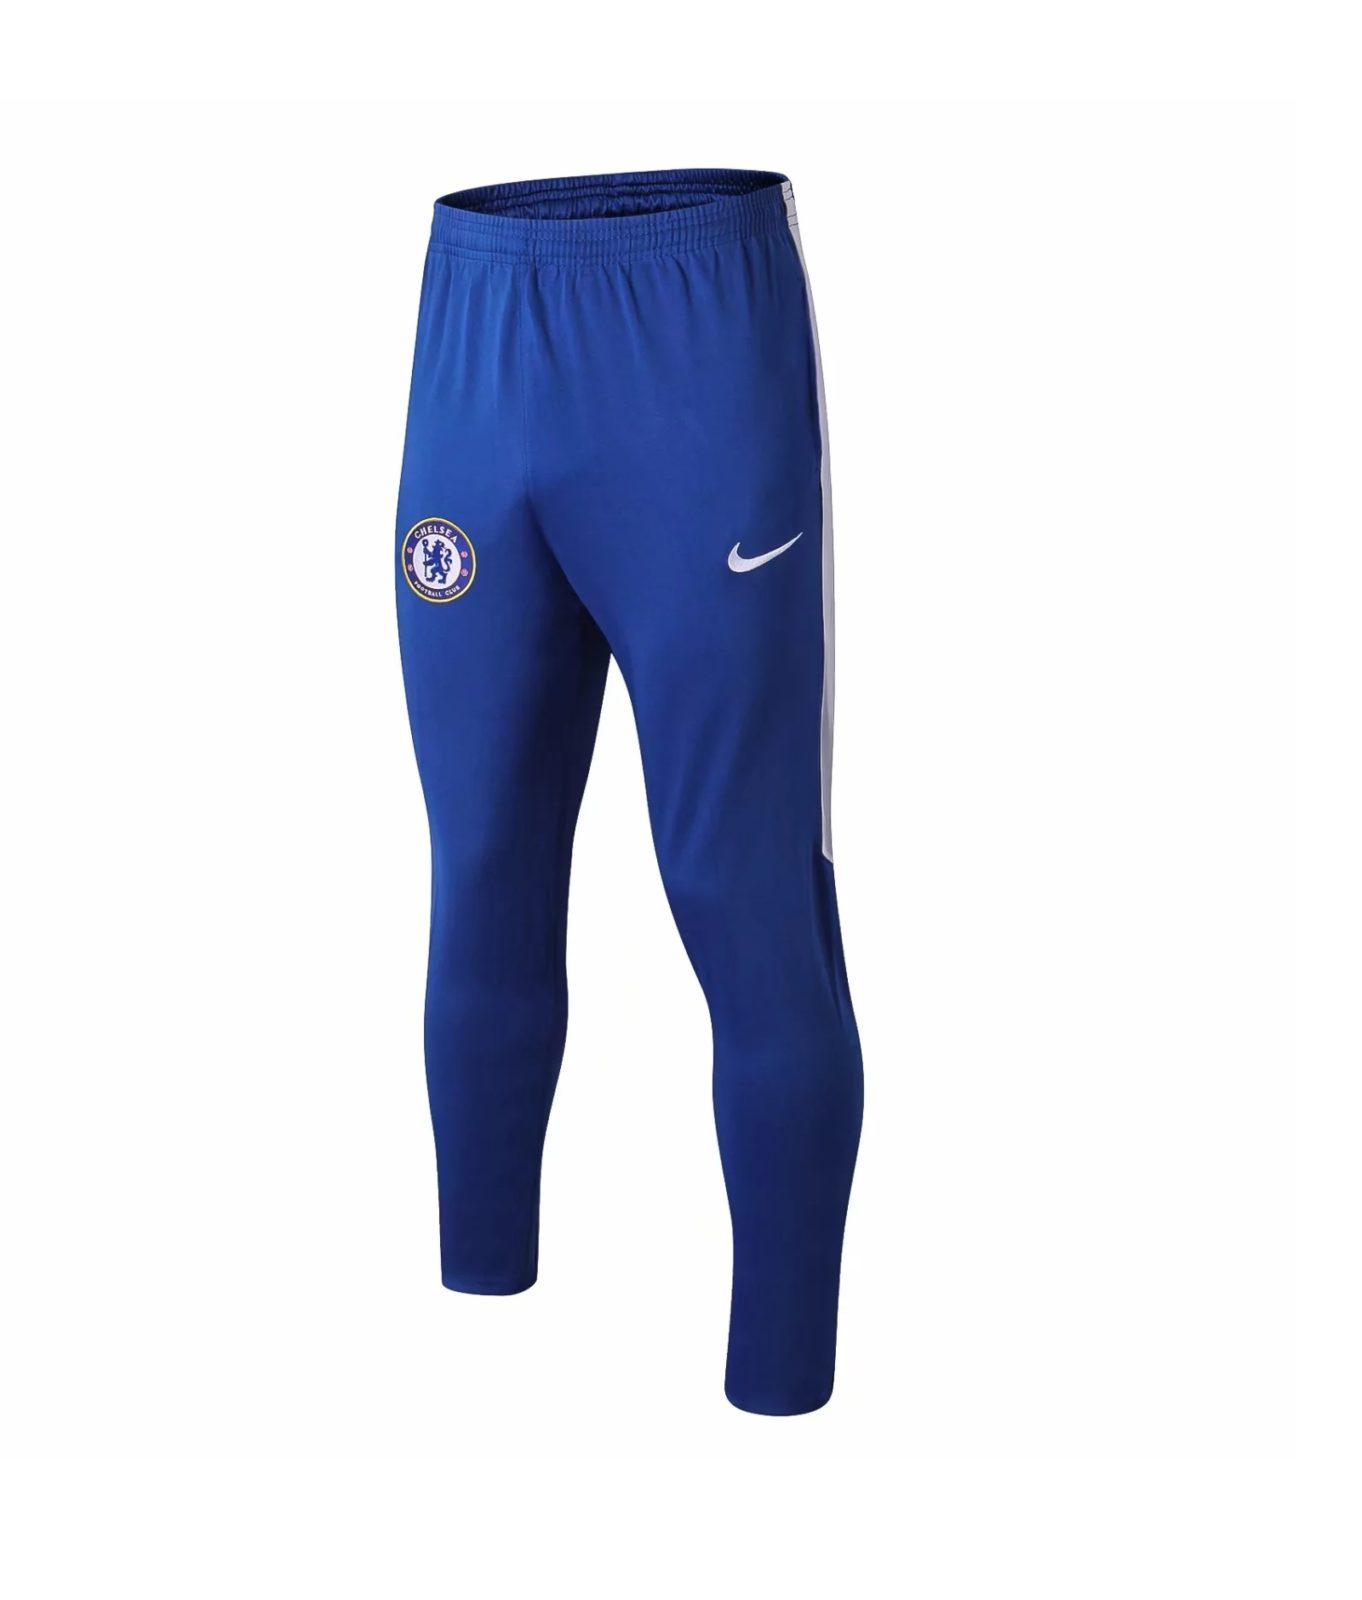 Штаны Челси (Chelsea) сезон 2019-2020